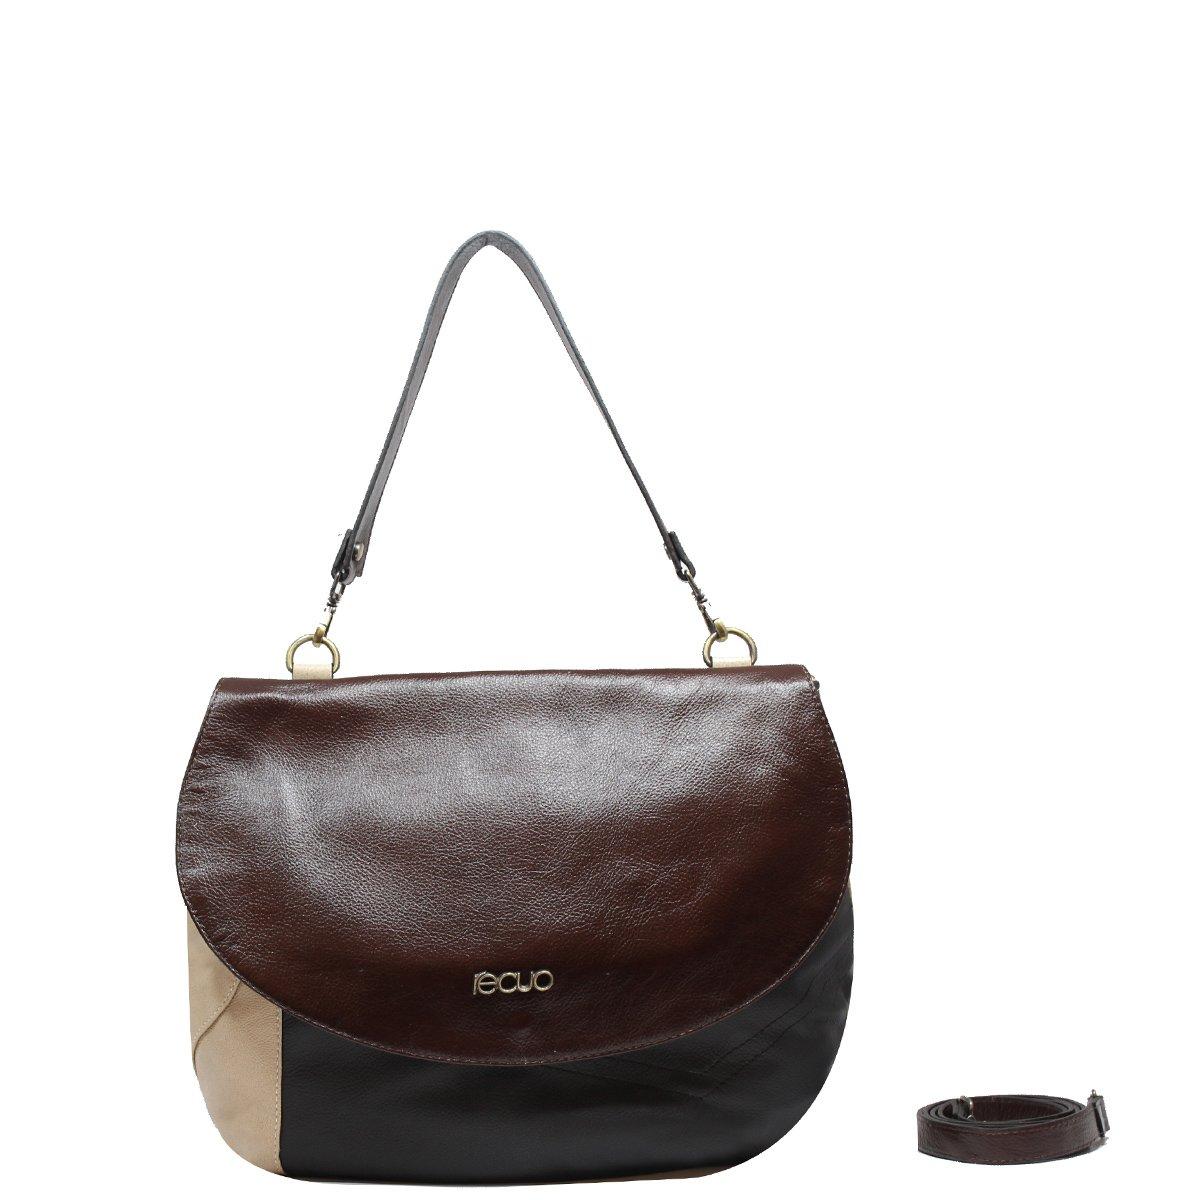 d8c4b4b05968f Loja Recuo Fashion Bag   Bolsas em Couro Legítimo   BOLSA MÉDIA EM ...